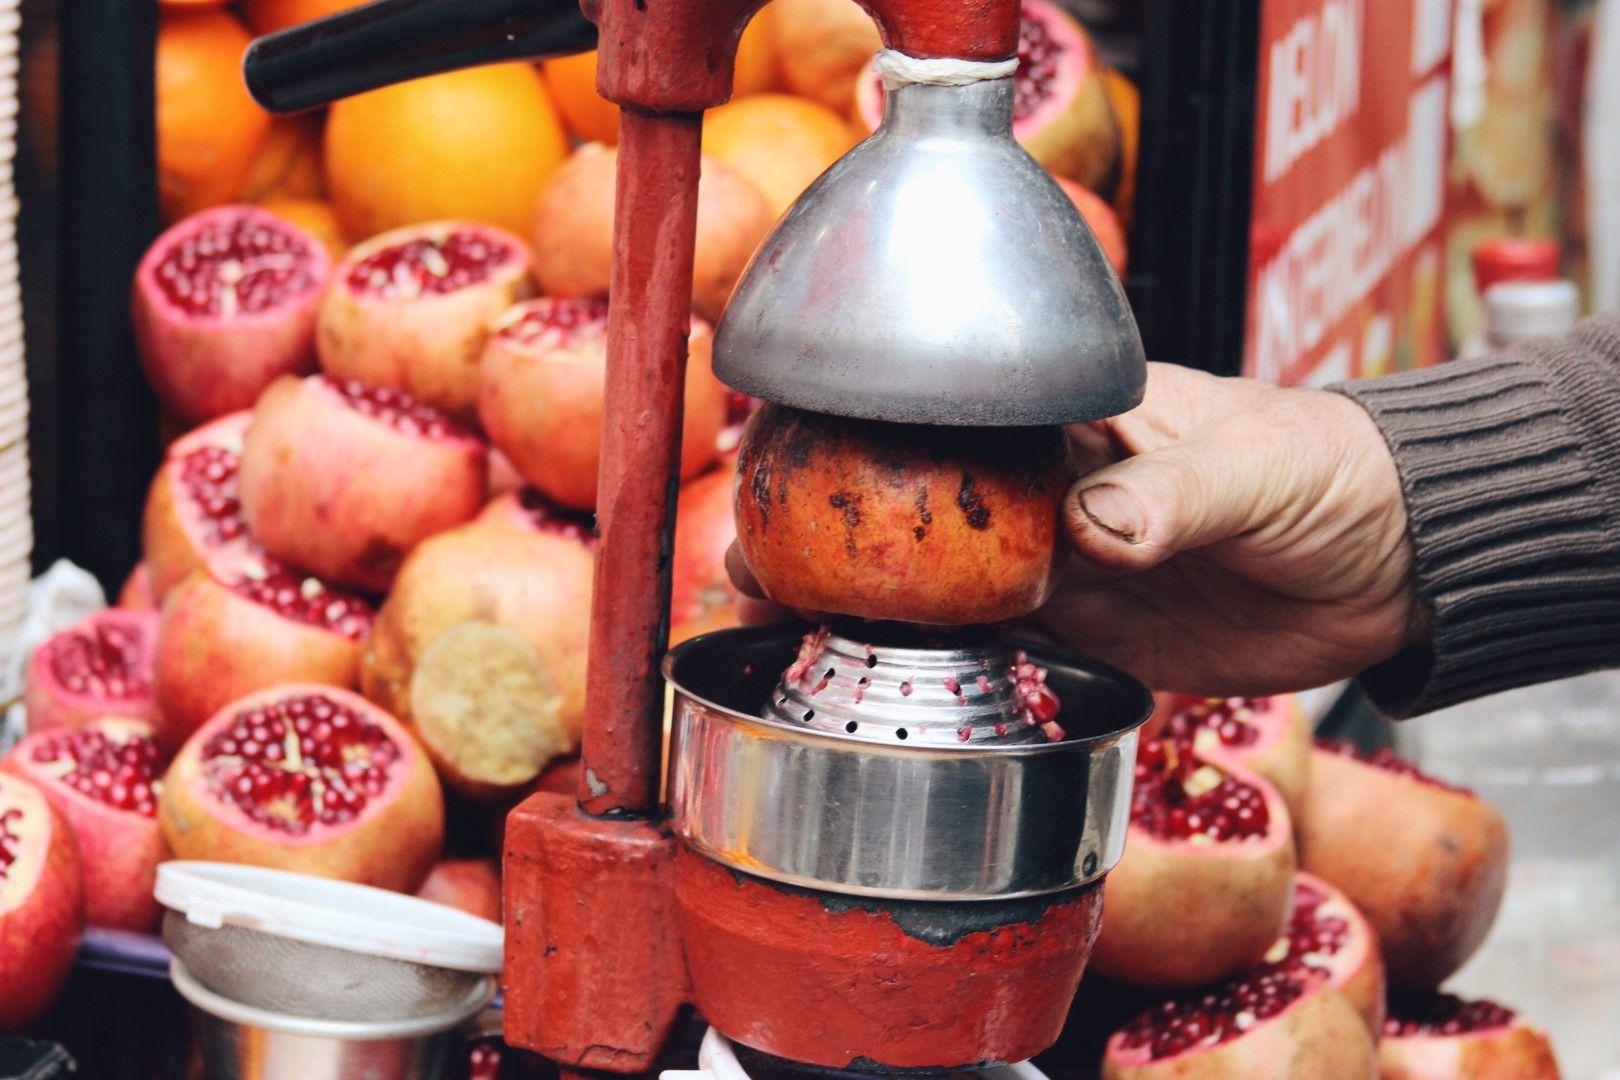 Навсякъде по улиците на Истанбул можете да си вземете прясно изцедени сокове